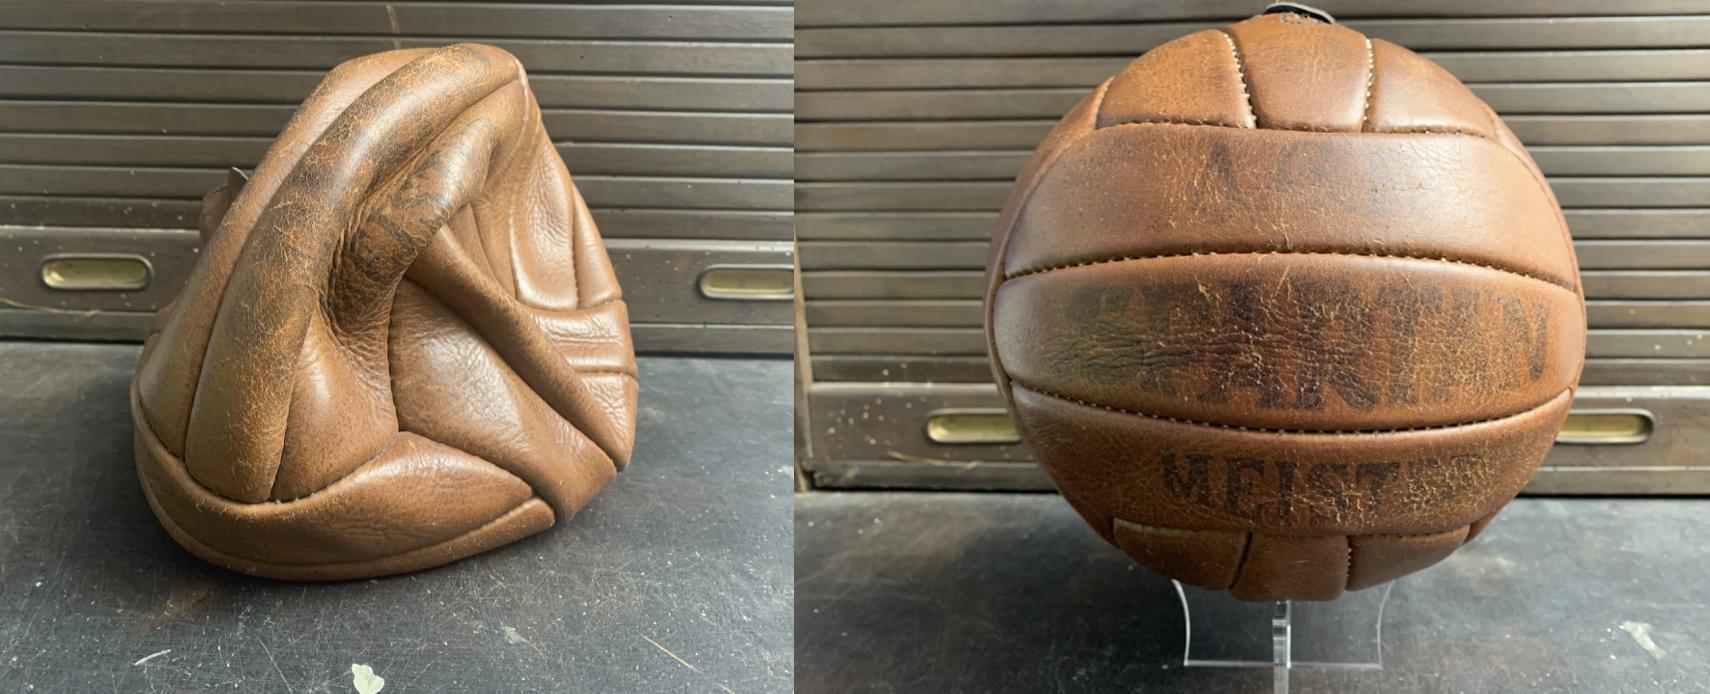 Ein Ball zwei unglaubliche Geschichten